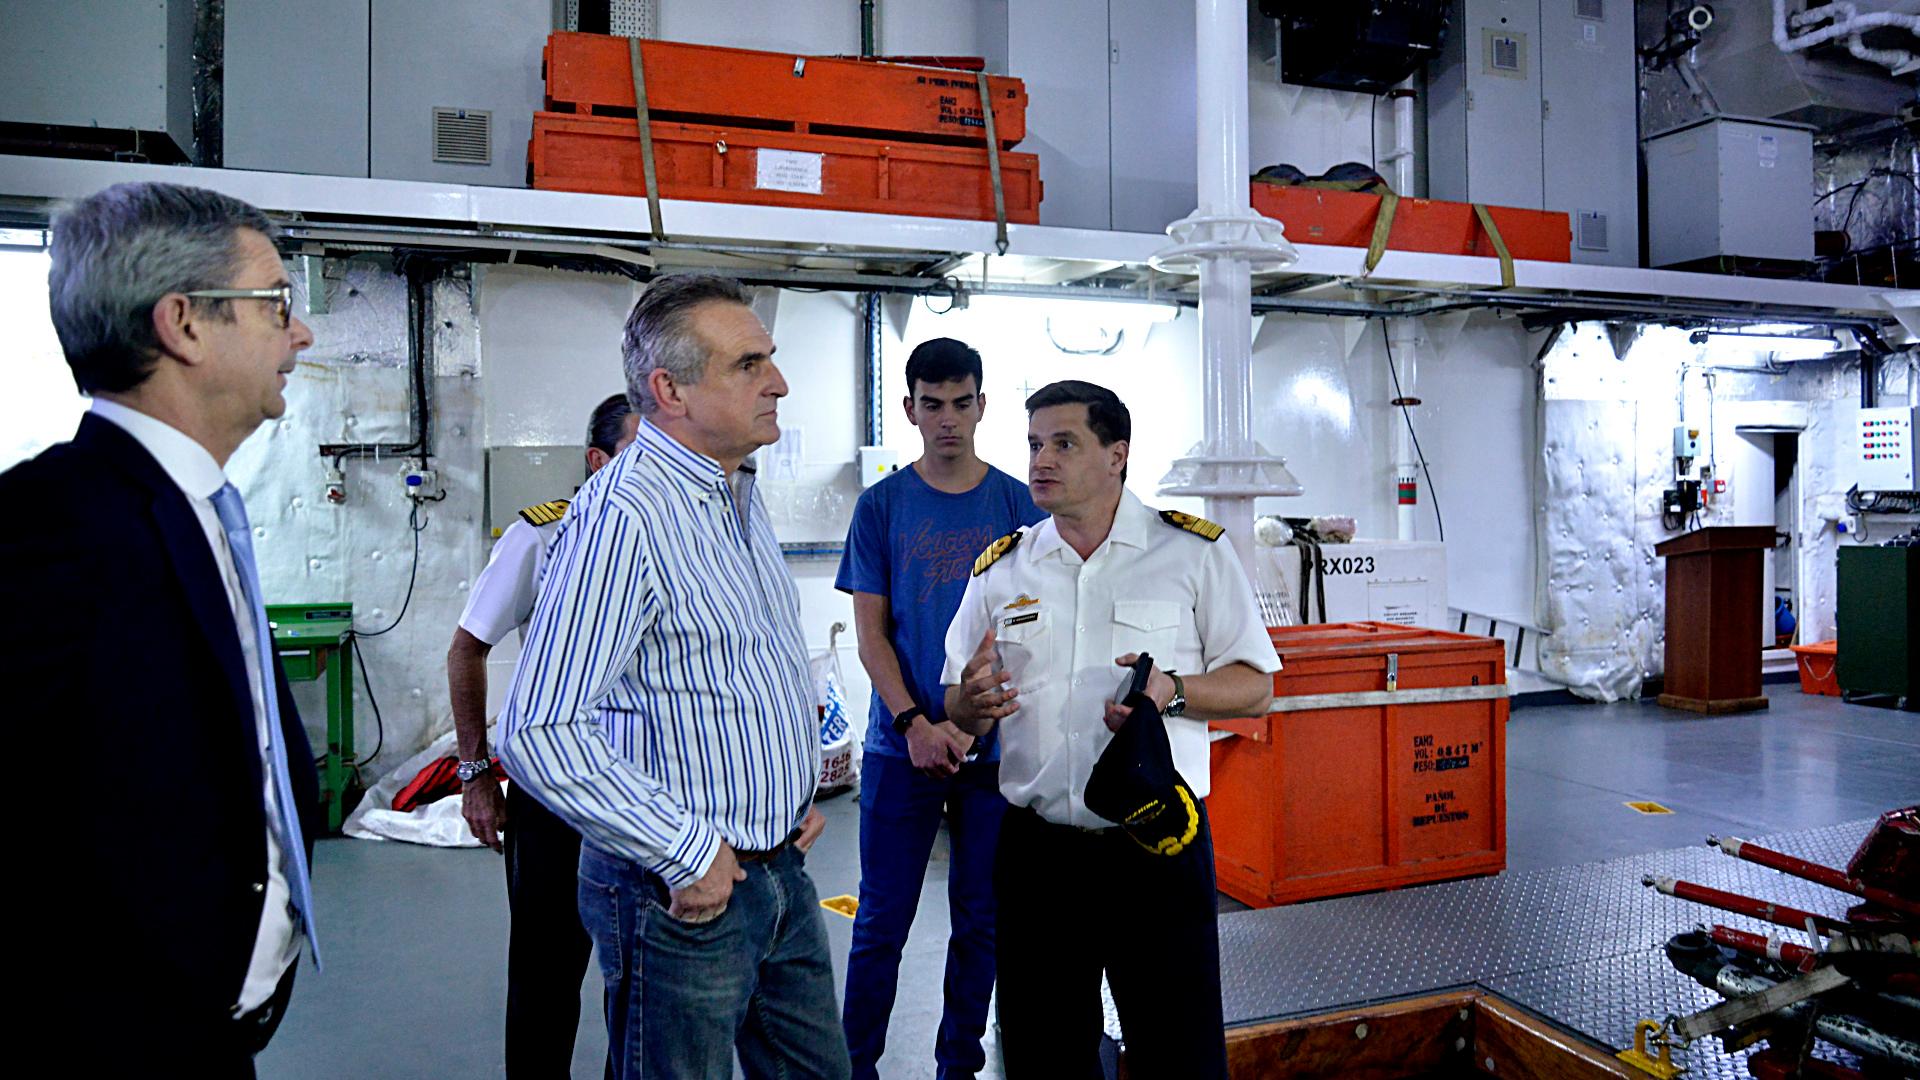 El ministro de Defensa, Agustín Rossi, acompañó a la tripulación en parte de su travesía